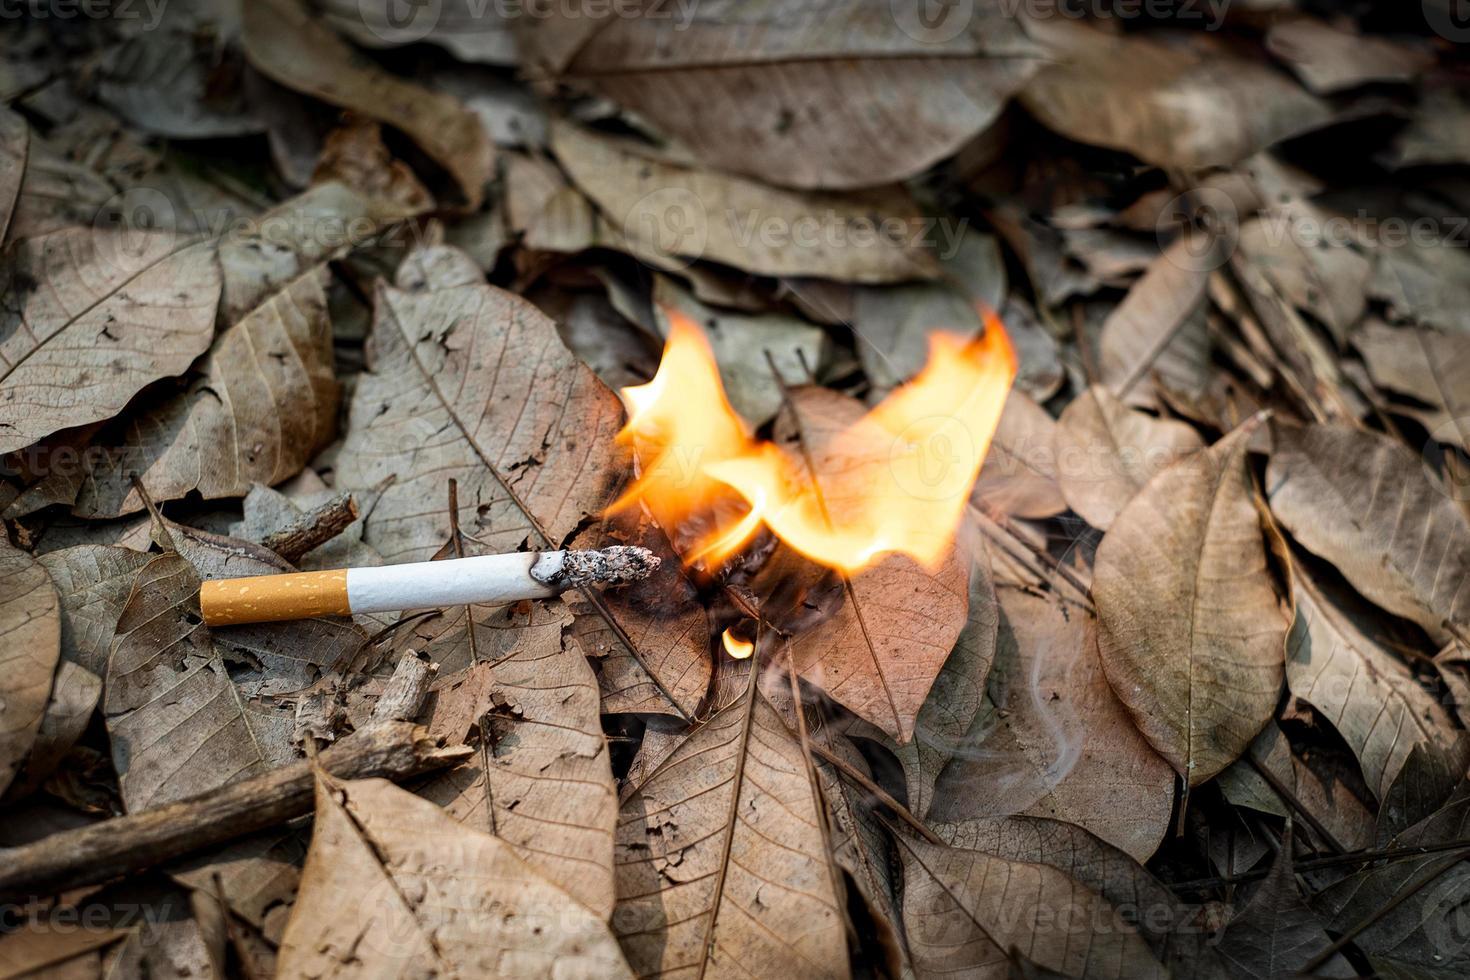 bituca de cigarro jogada descuidadamente em folhas secas, fumegando foto